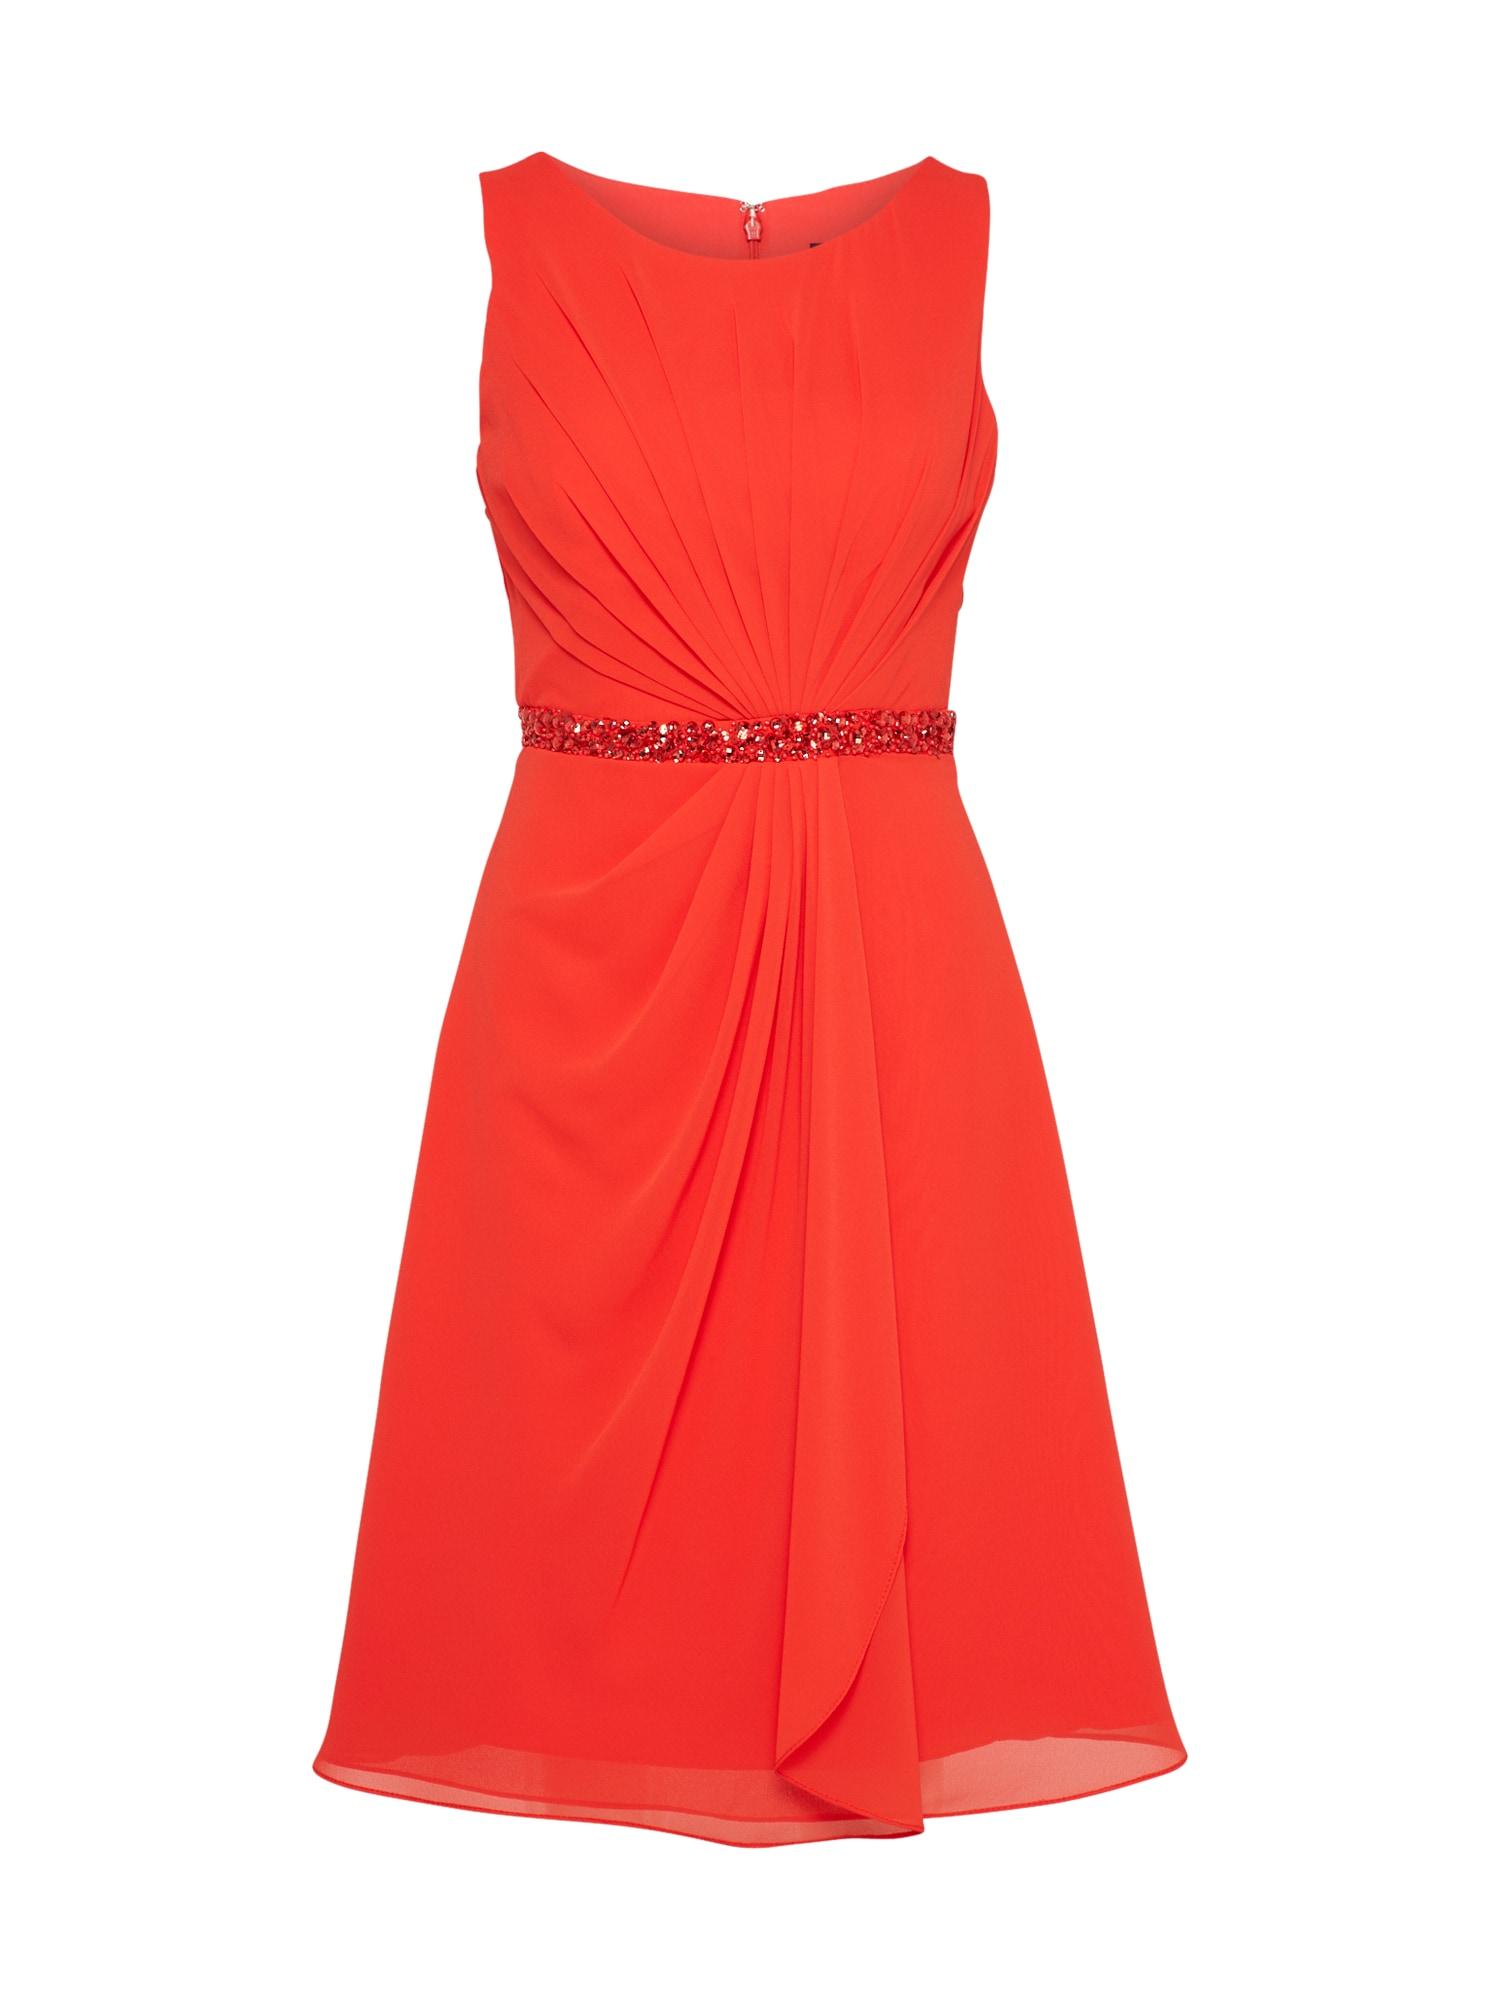 Koktejlové šaty MC181117 červená Mascara